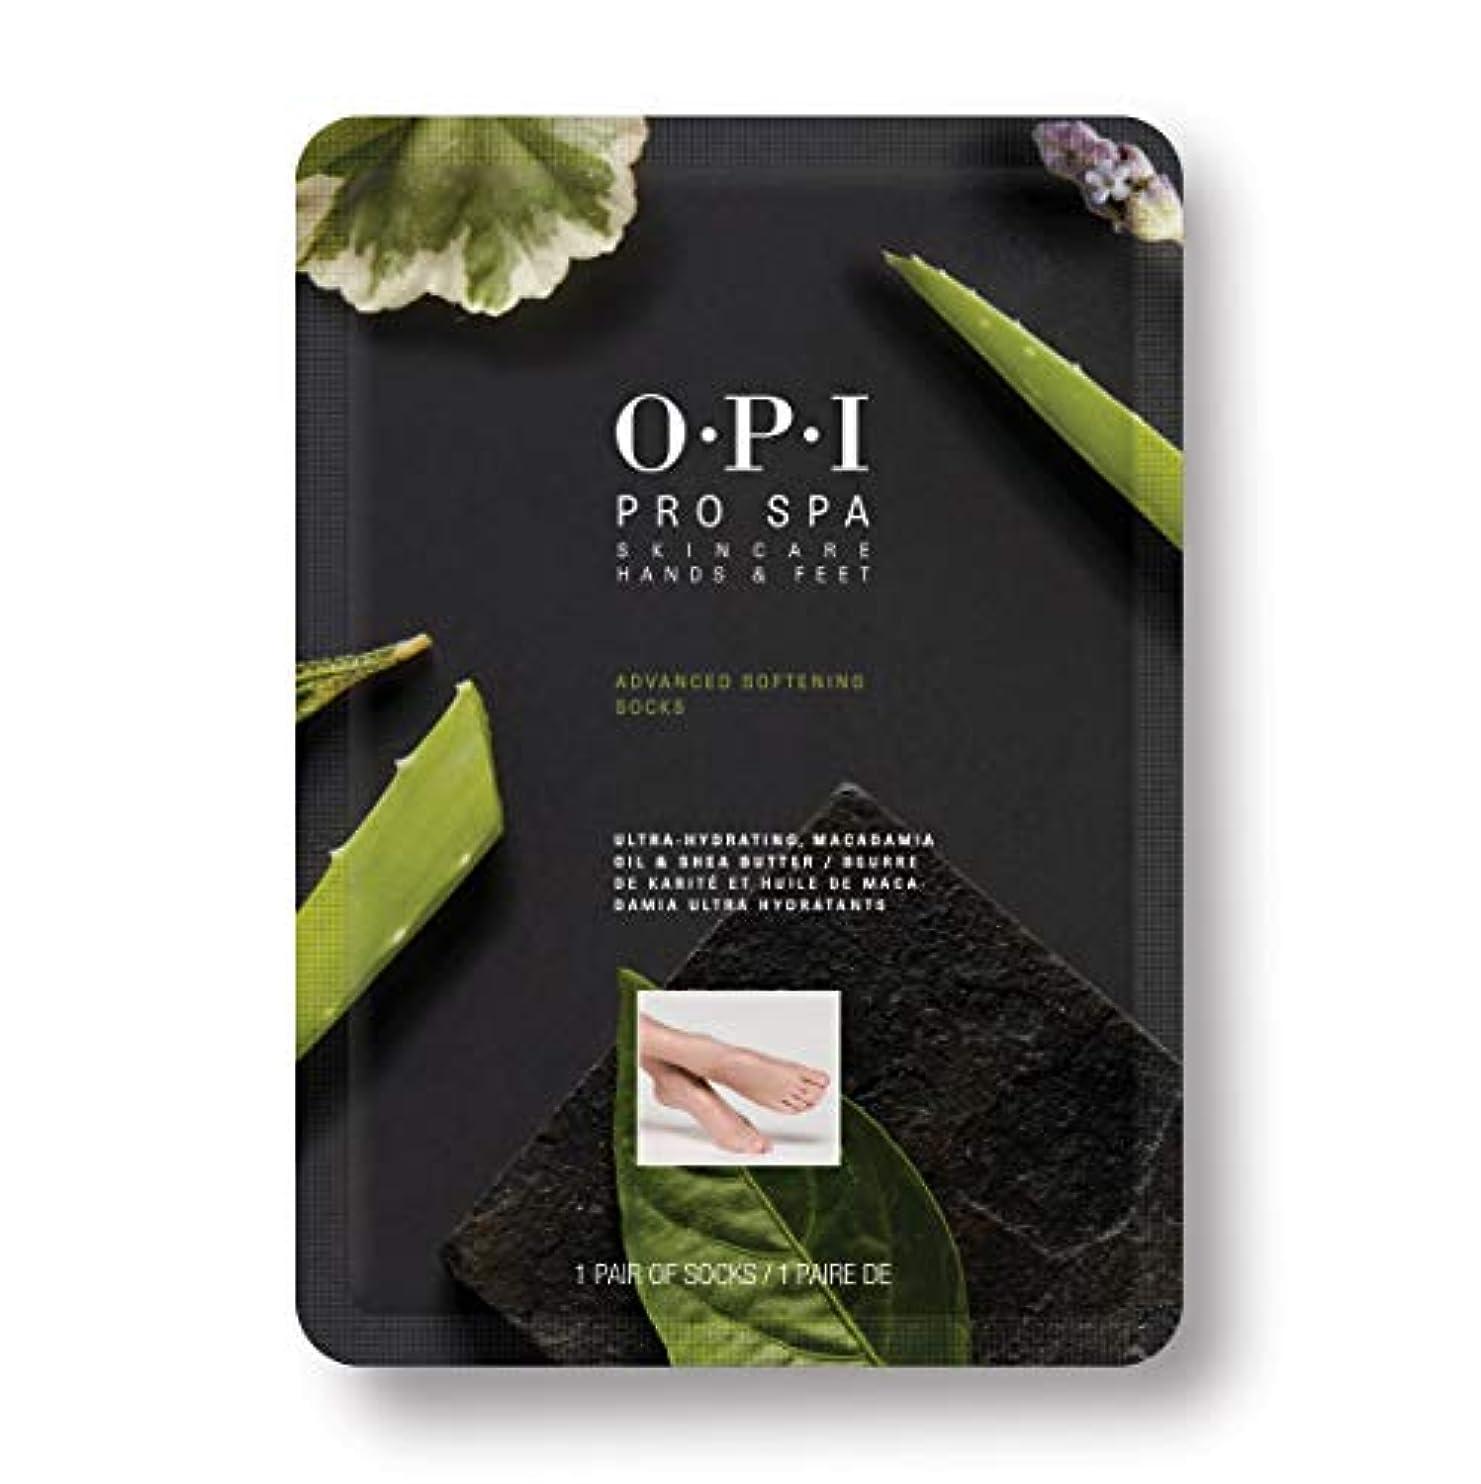 知覚匿名印刷するOPI(オーピーアイ) プロスパ アドバンス ソフニング ソックス 美容液 30mL/1パック2枚入